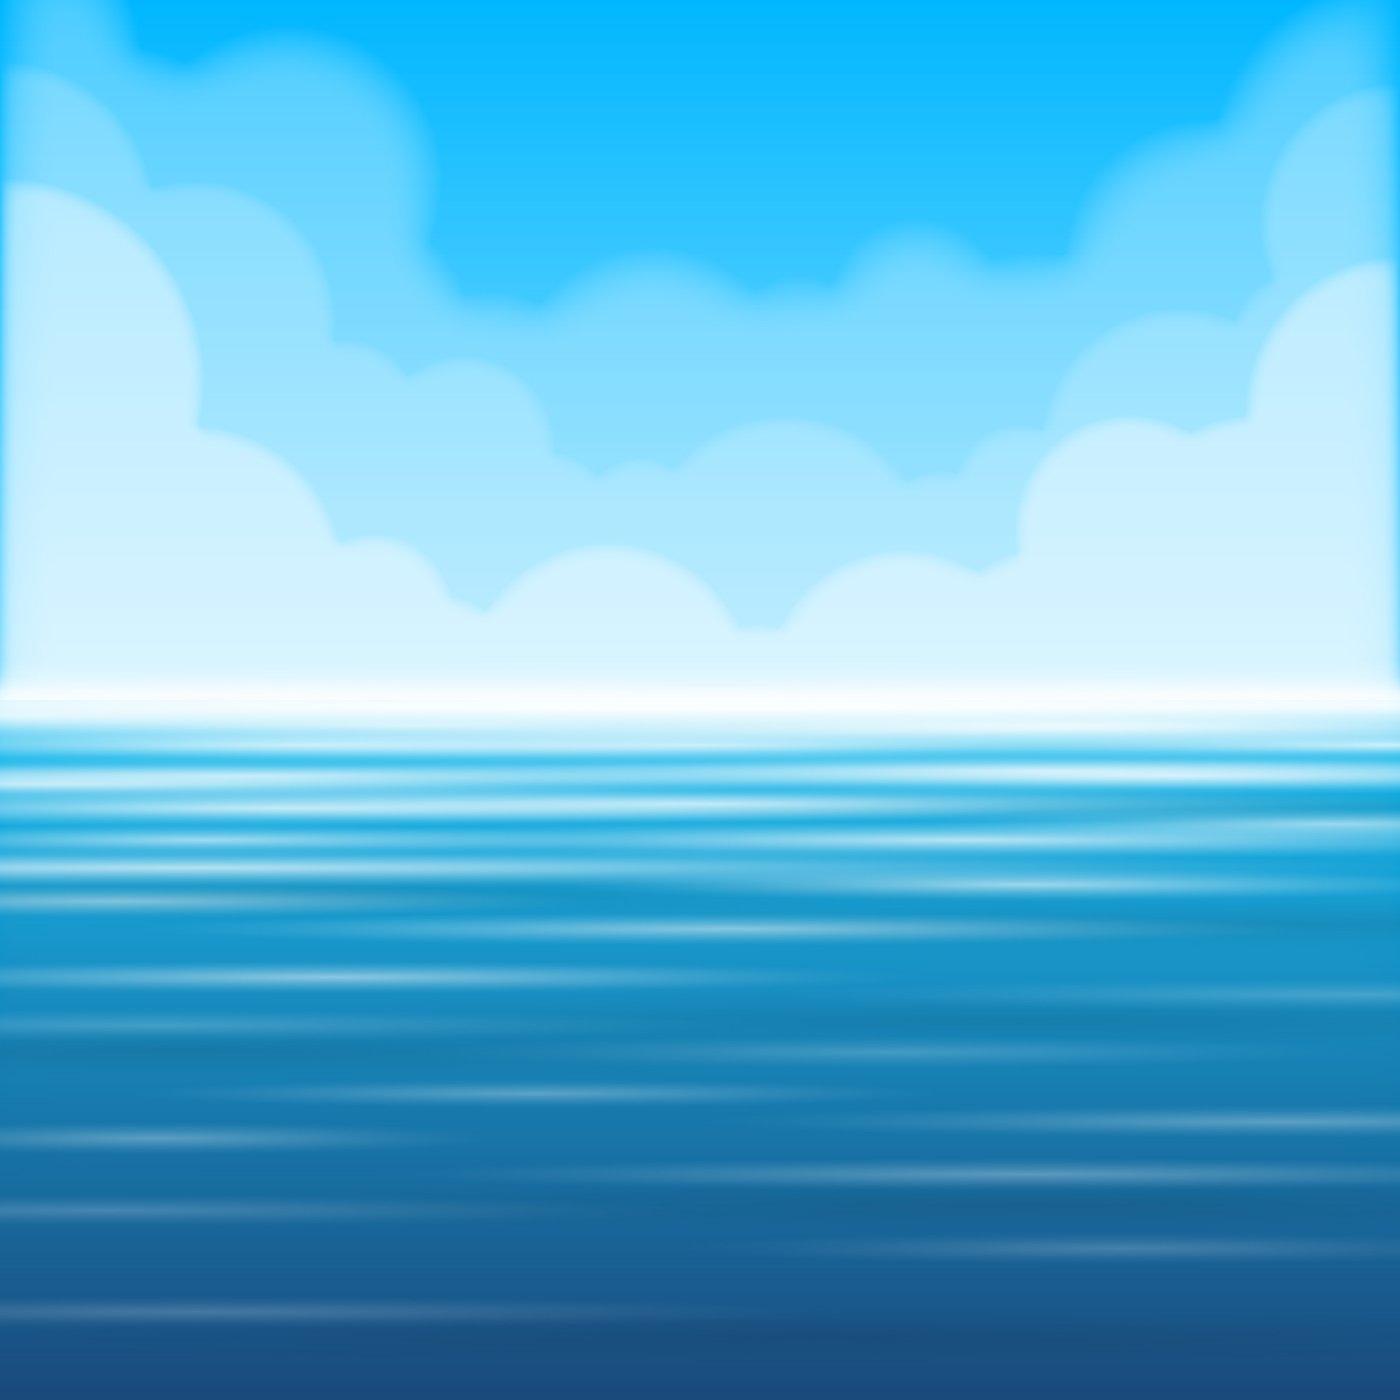 Ảnh background biển xanh